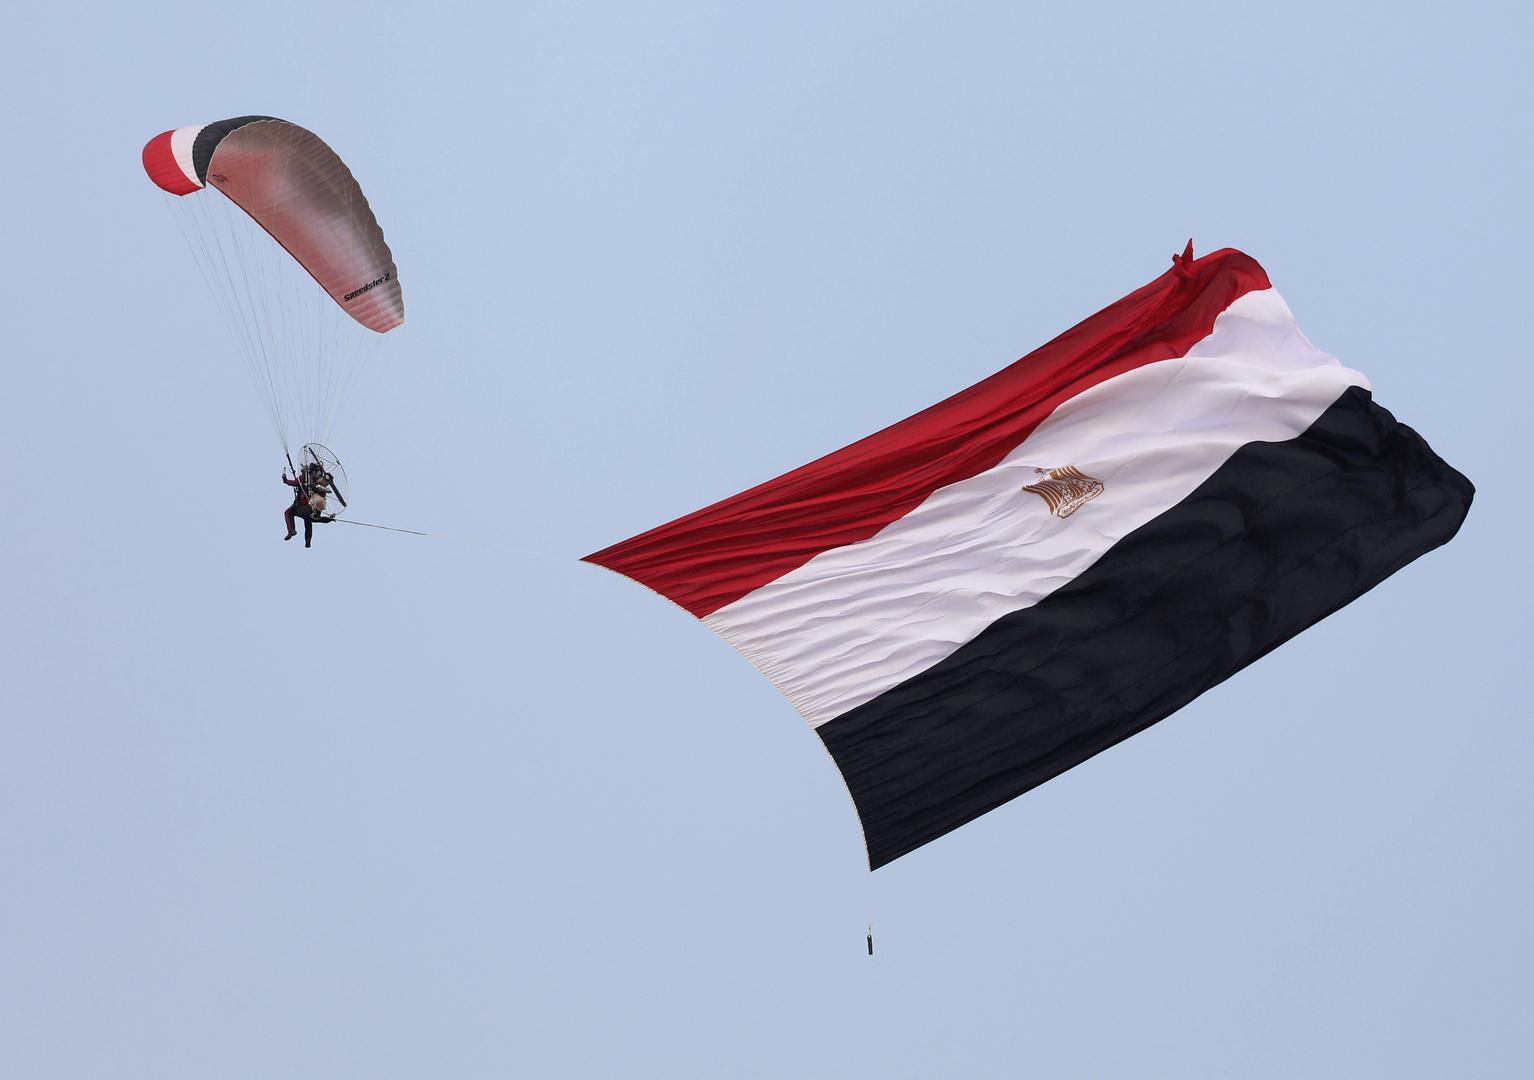 مصر تحذر من أي خطوة إسرائيلية لضم أراض بالضفة الغربية في فلسطين